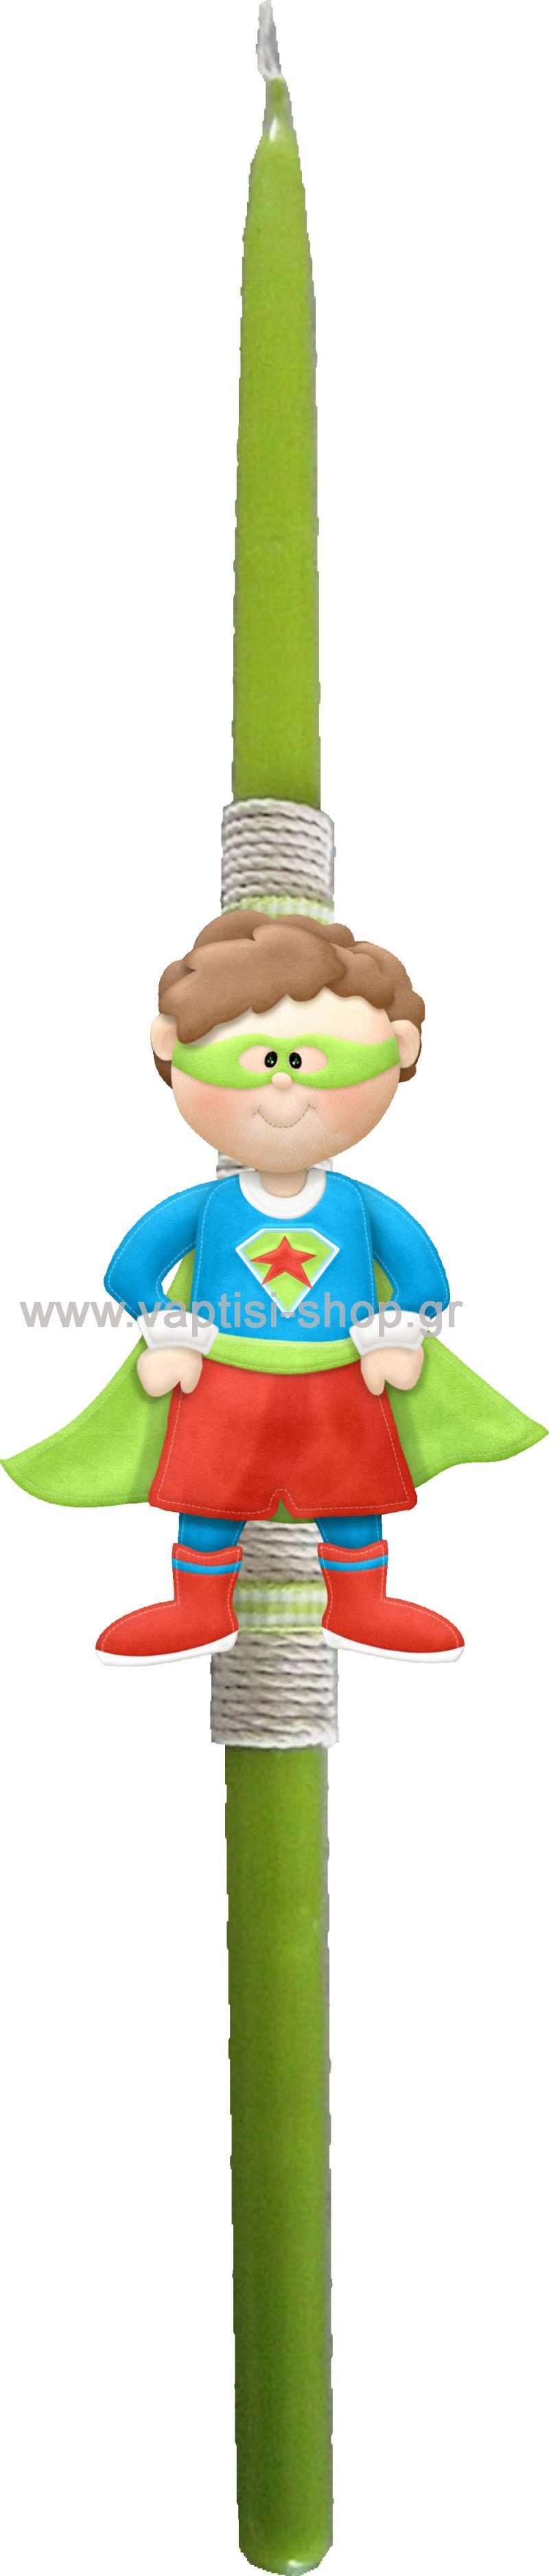 Πασχαλινή Λαμπάδα Superboy